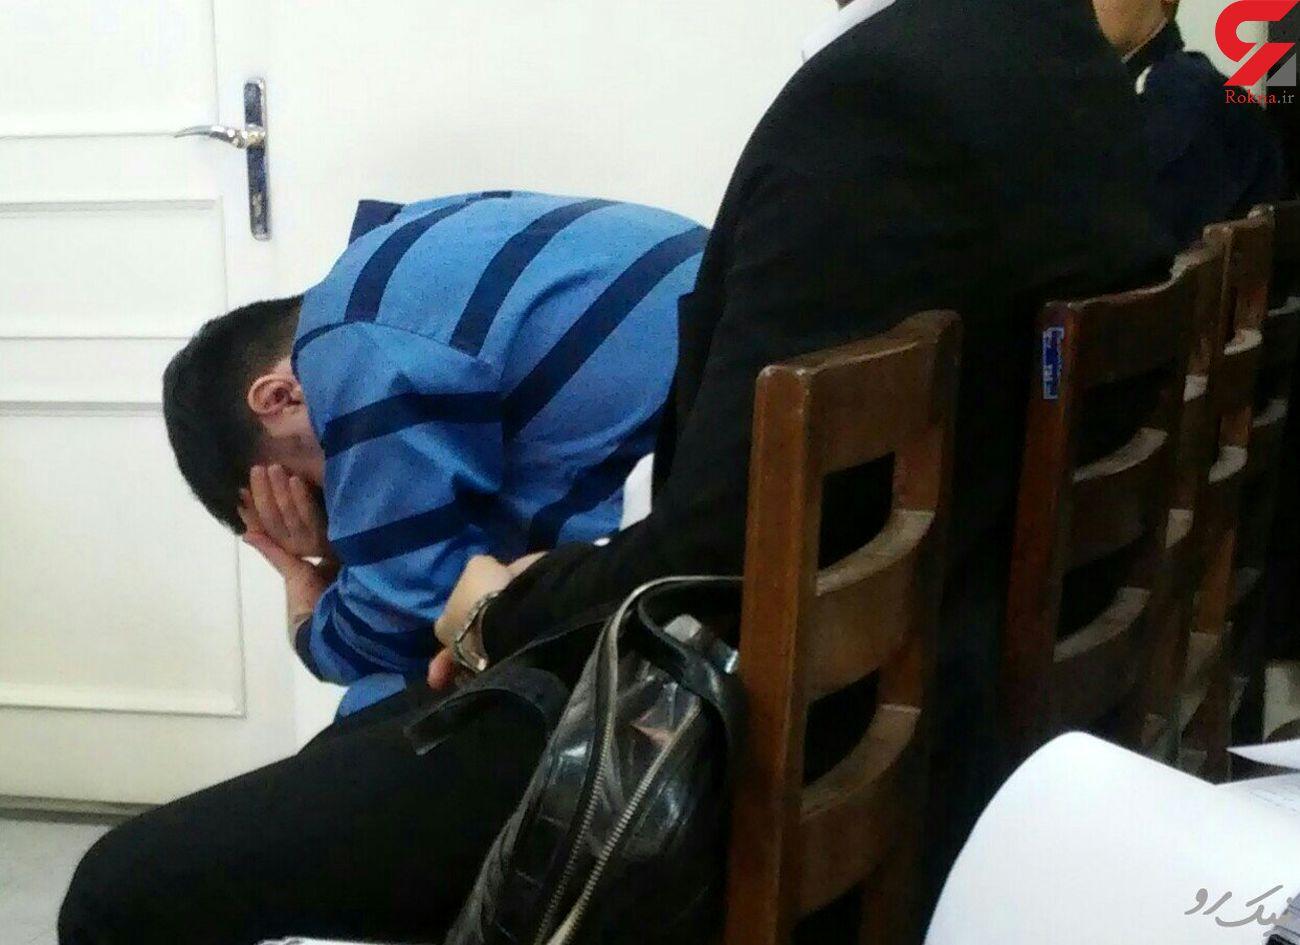 گفتگو با قاتل تهرانی که تصادفی دستگیر شد + عکس